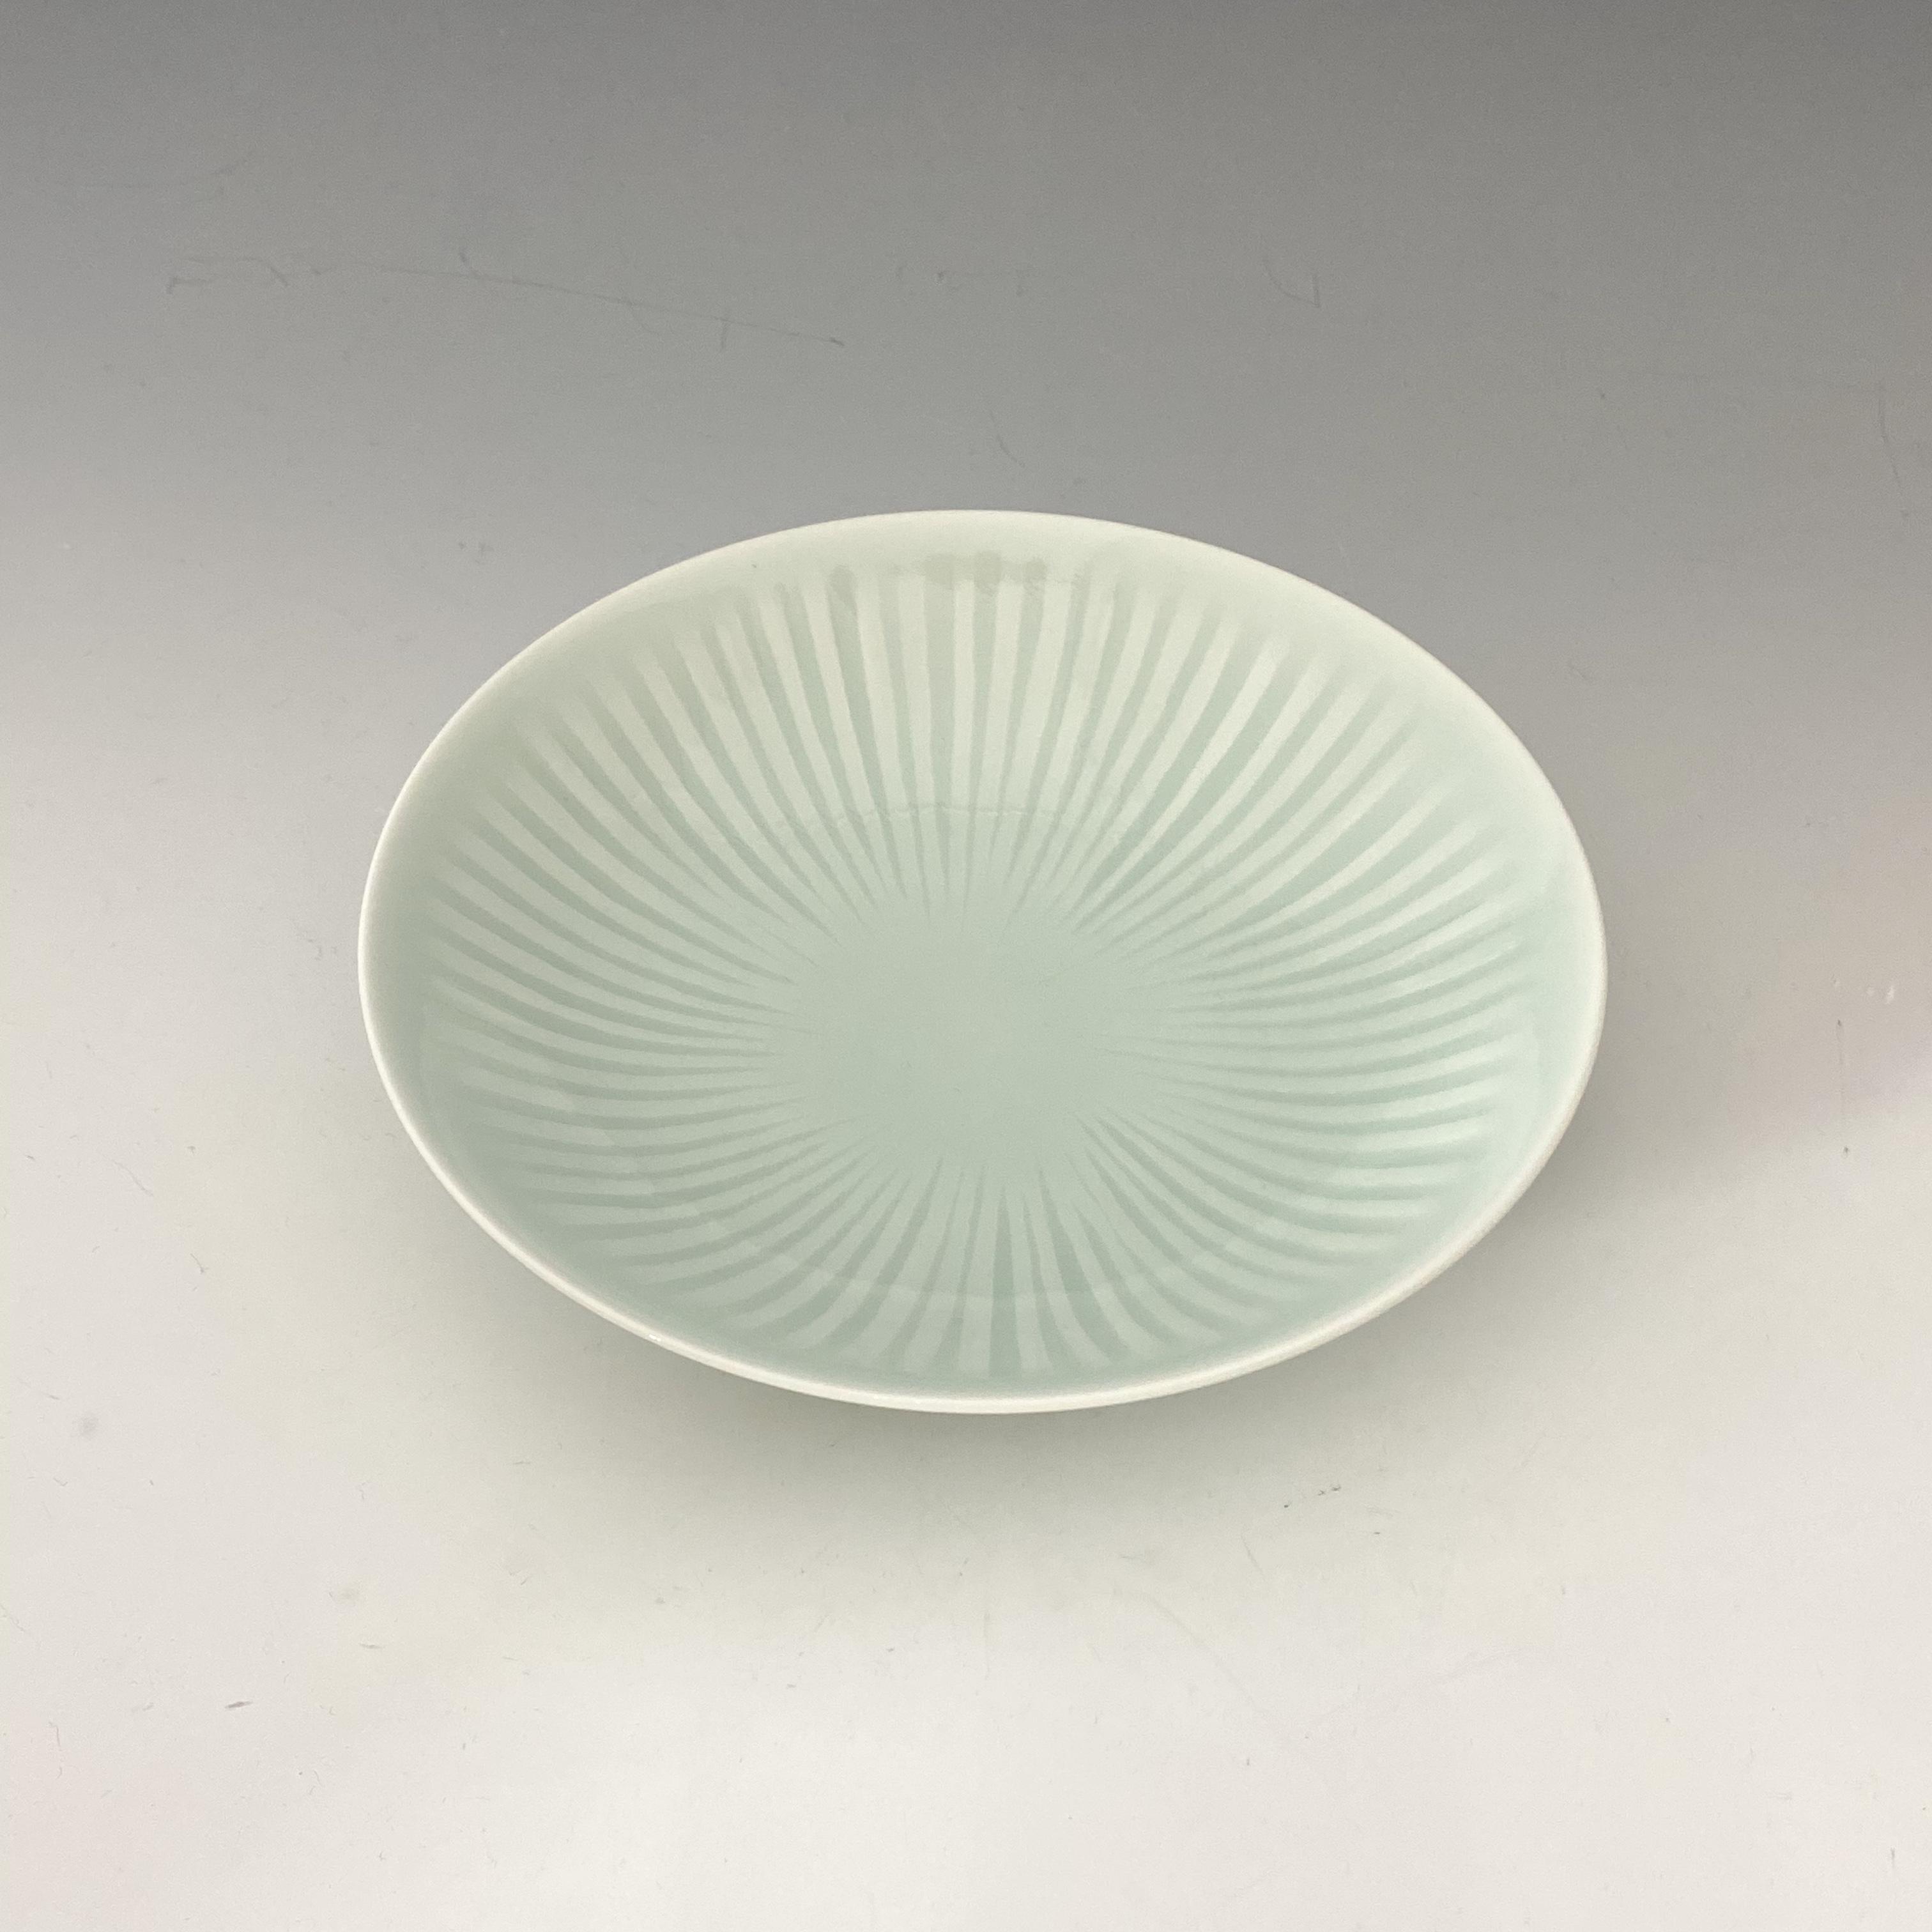 【中尾純】青白磁線彫皿